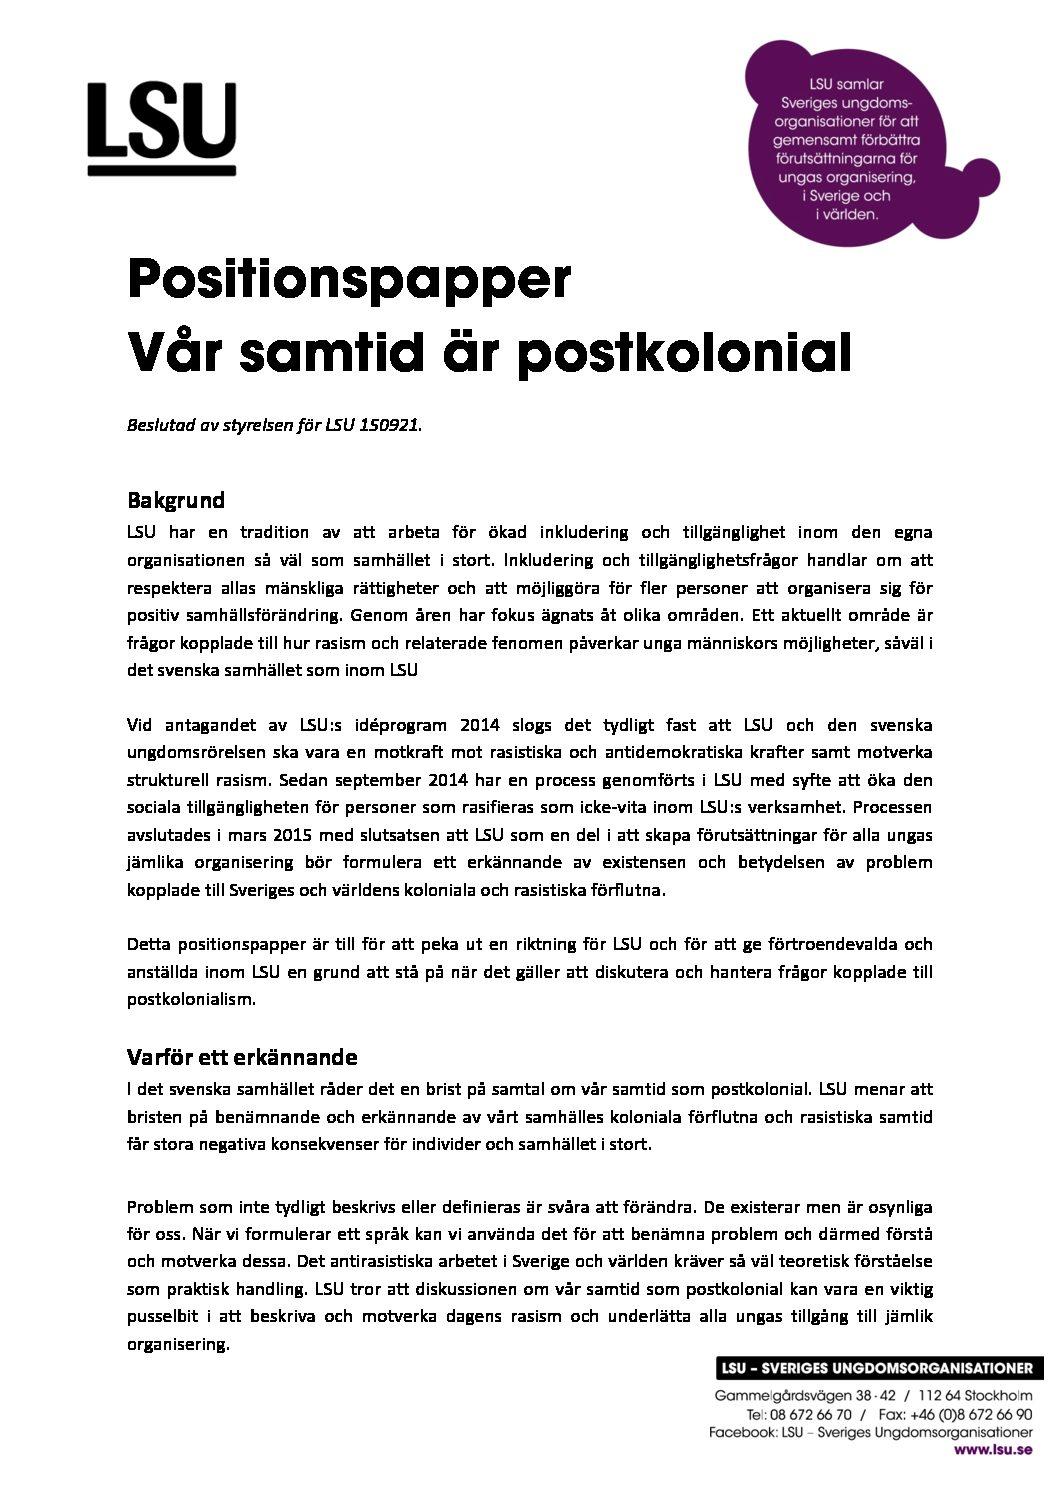 Positionspapper, vår-samtid-är-postkolonial